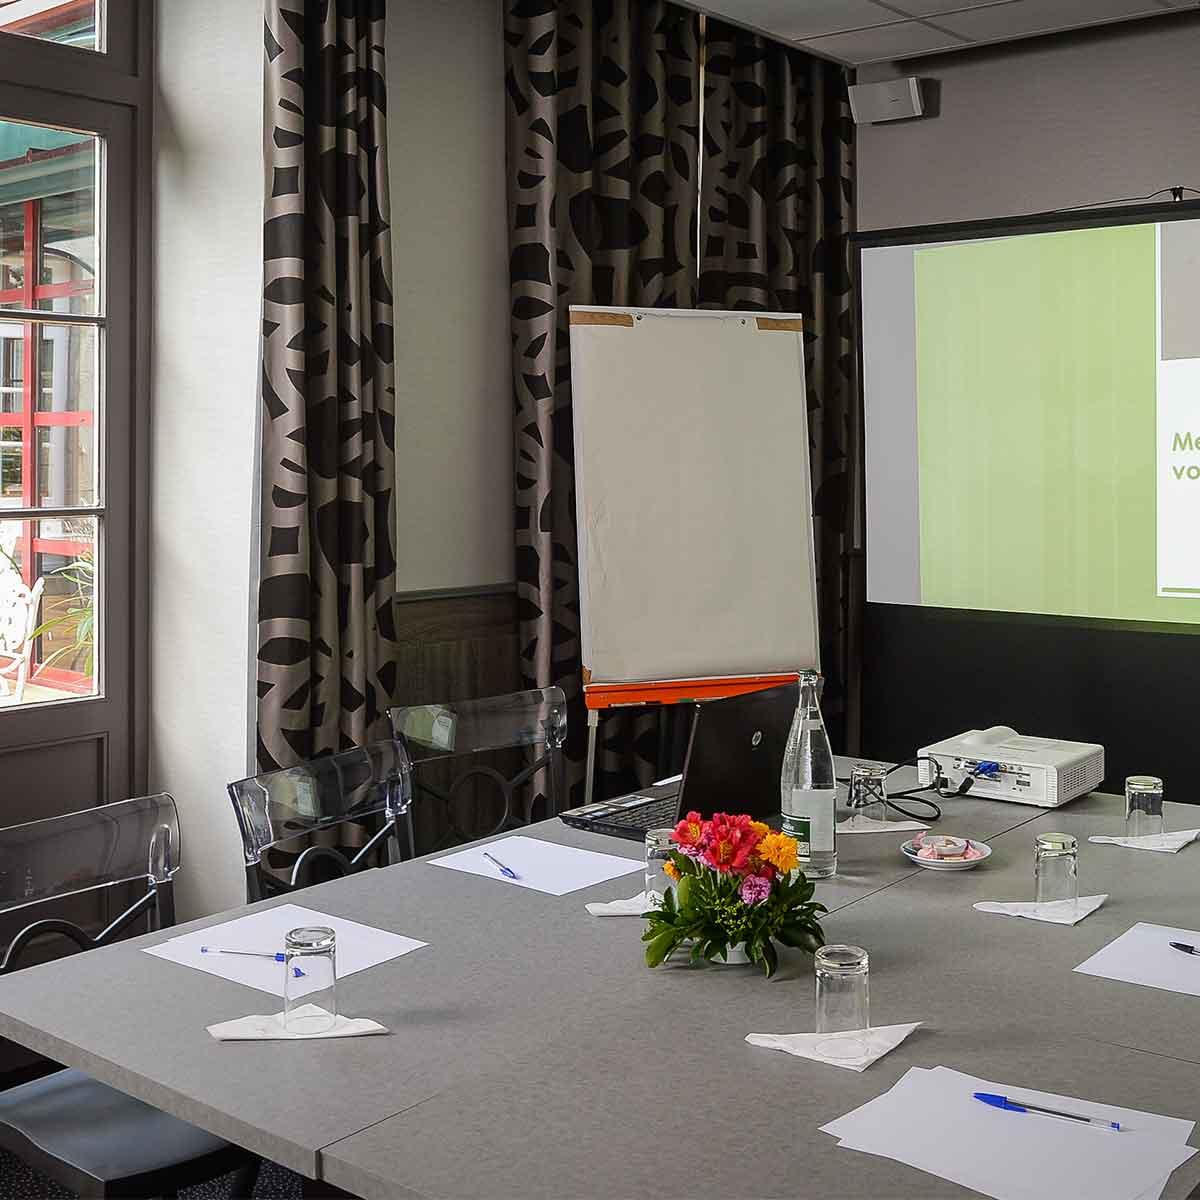 Votre salle tout équipée pour vos réunions professionnelles et séminaires à Ducey près d'Avranches